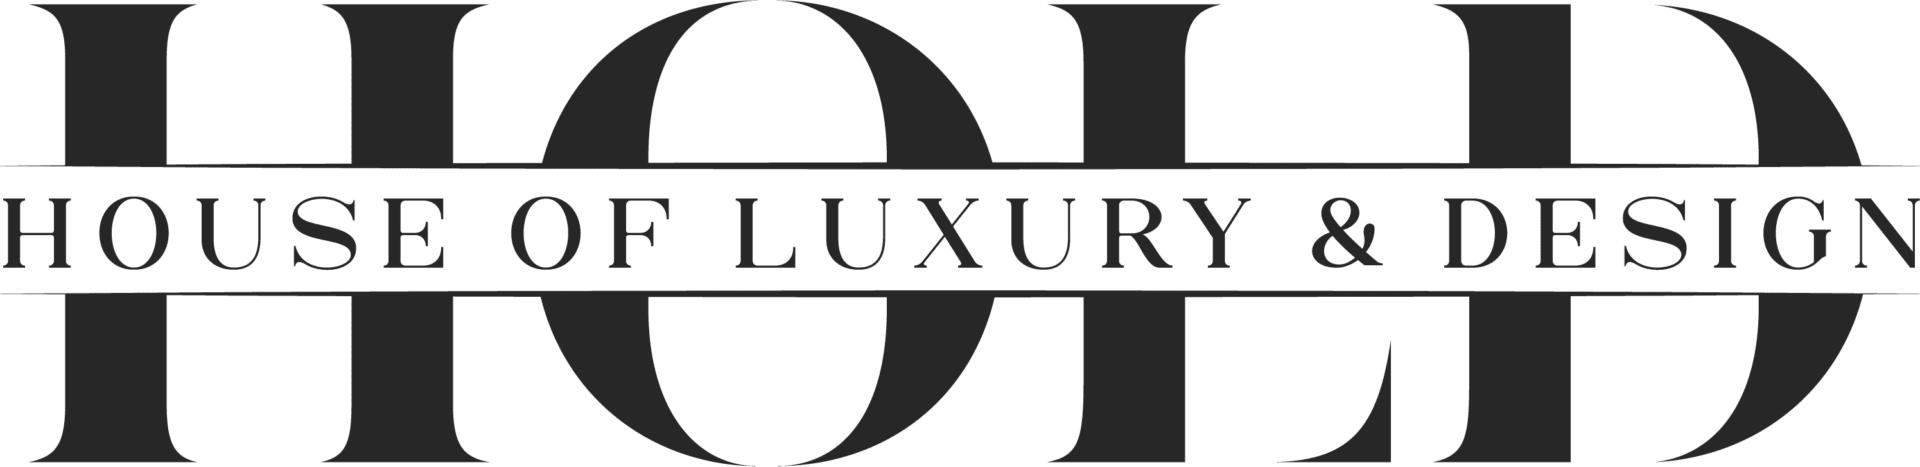 logo-03_large format